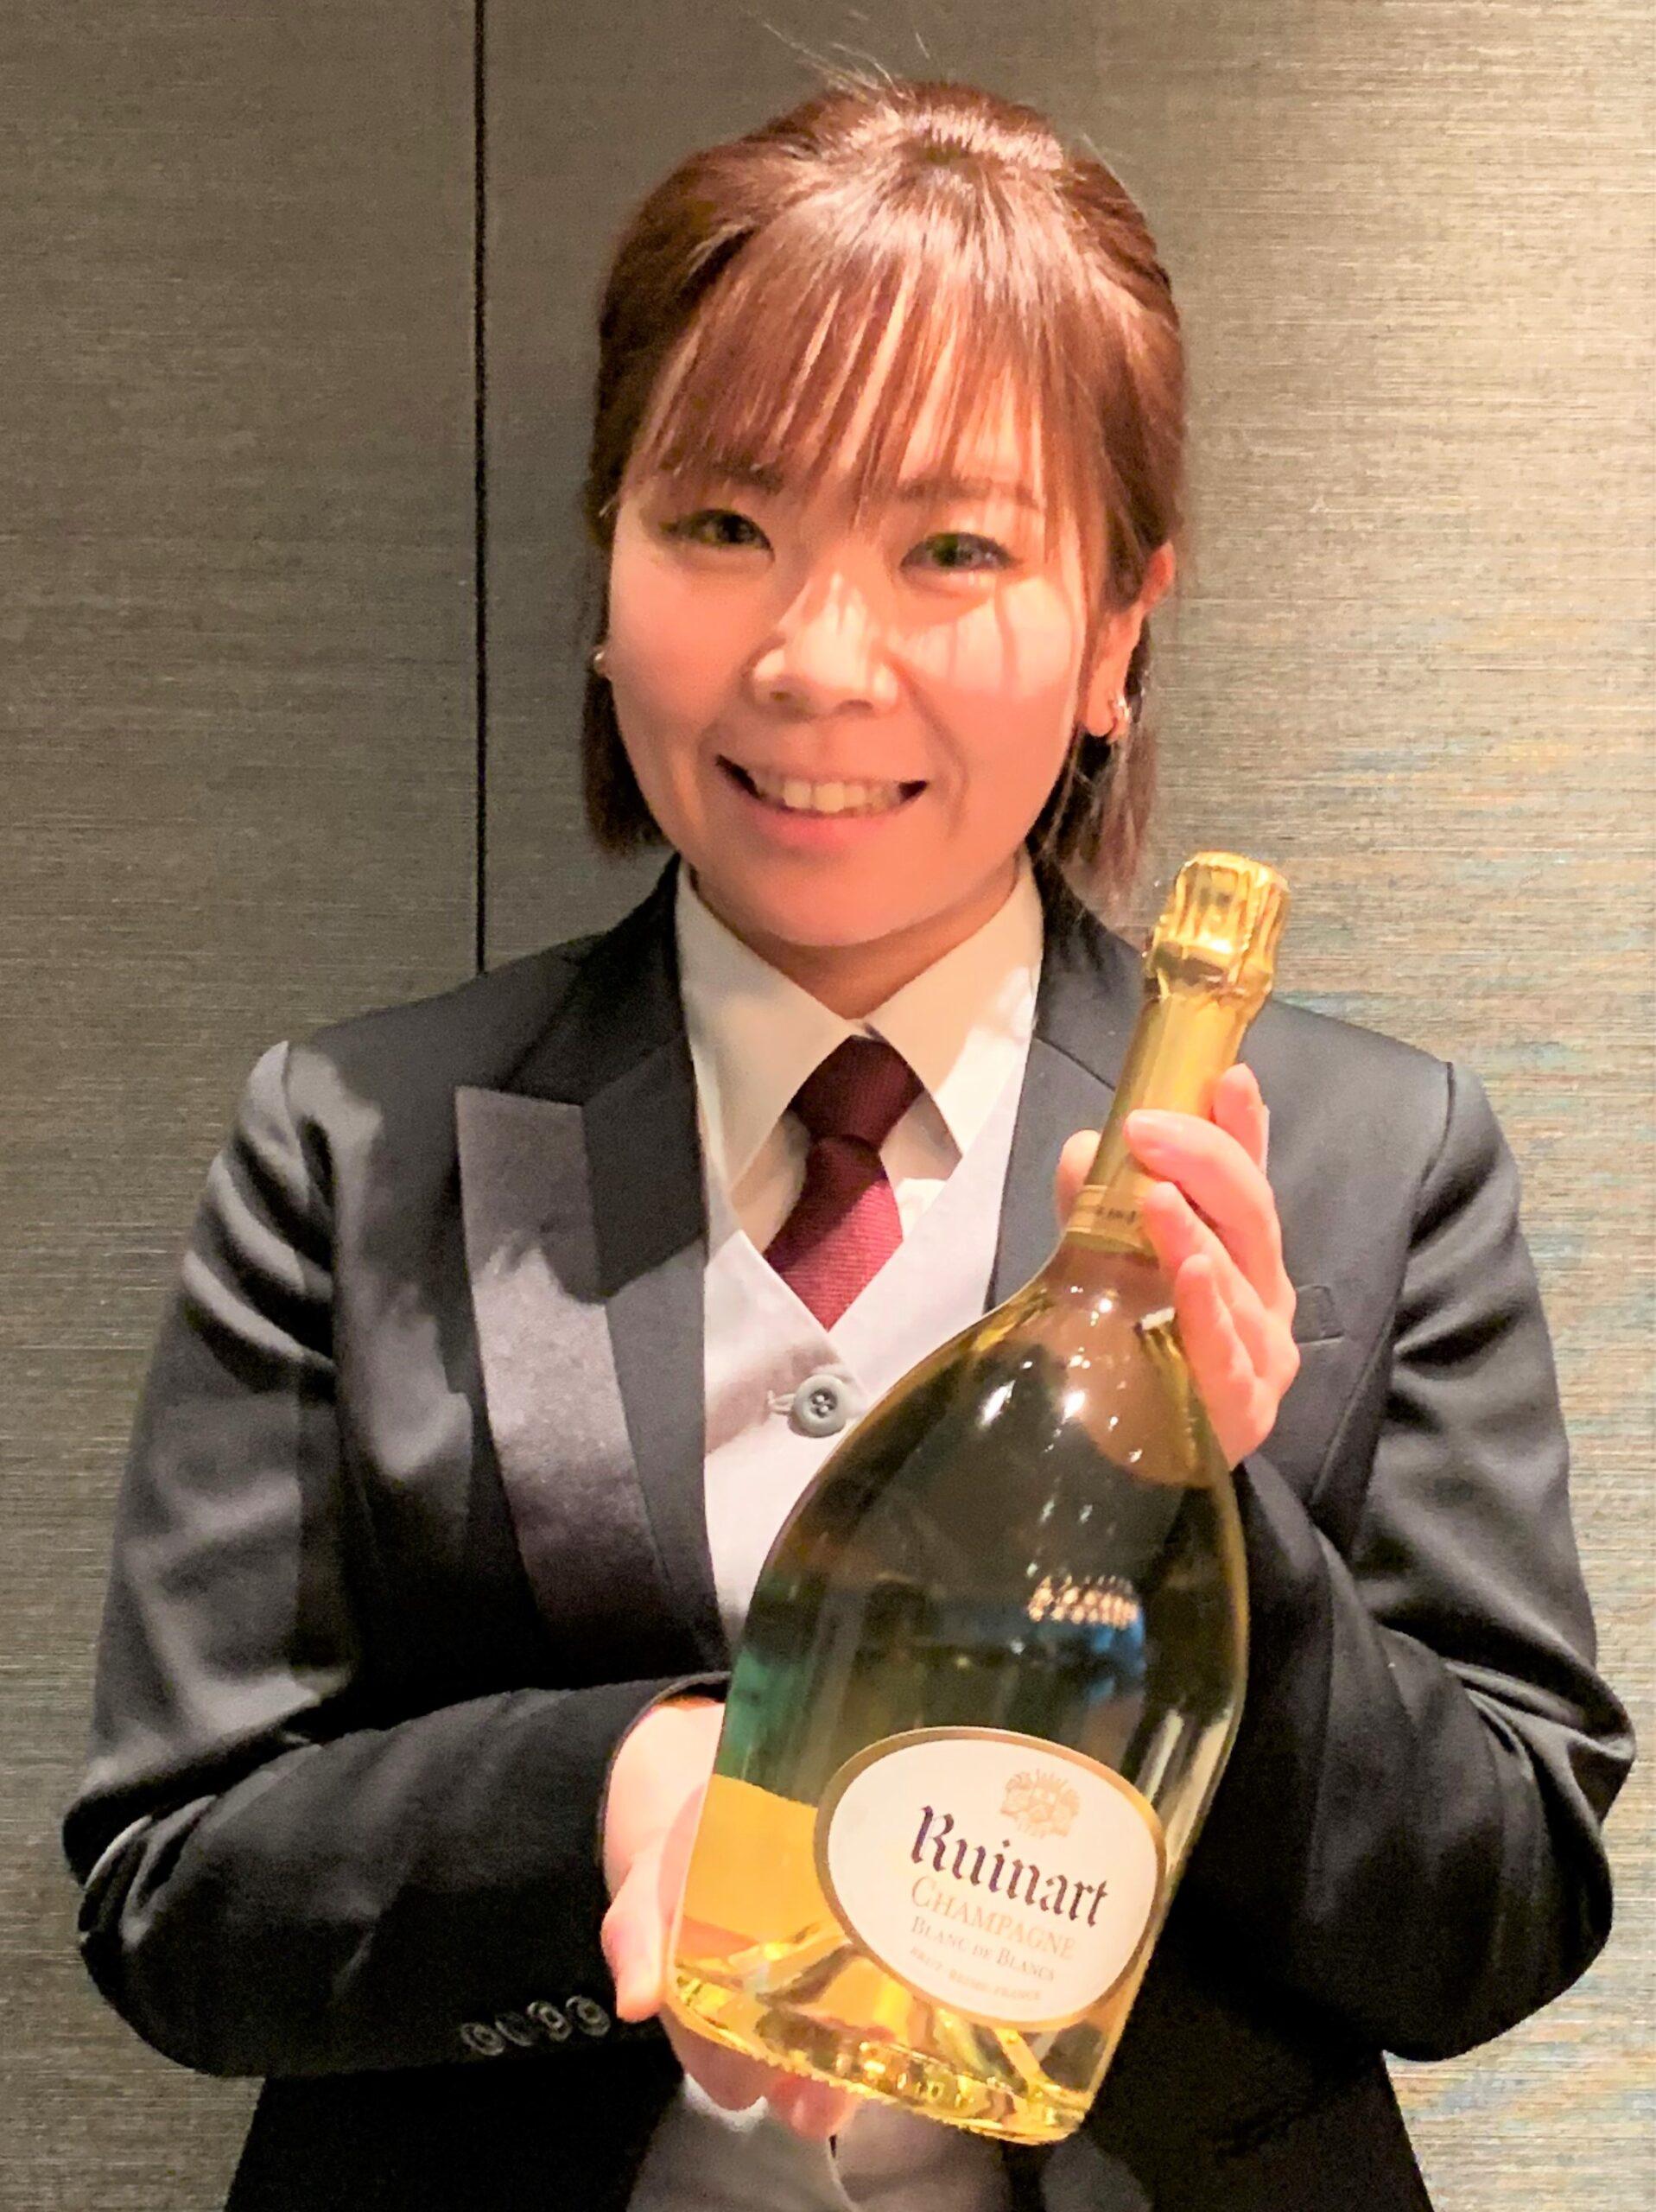 ルイナールのボトルを持つ森本さんの写真